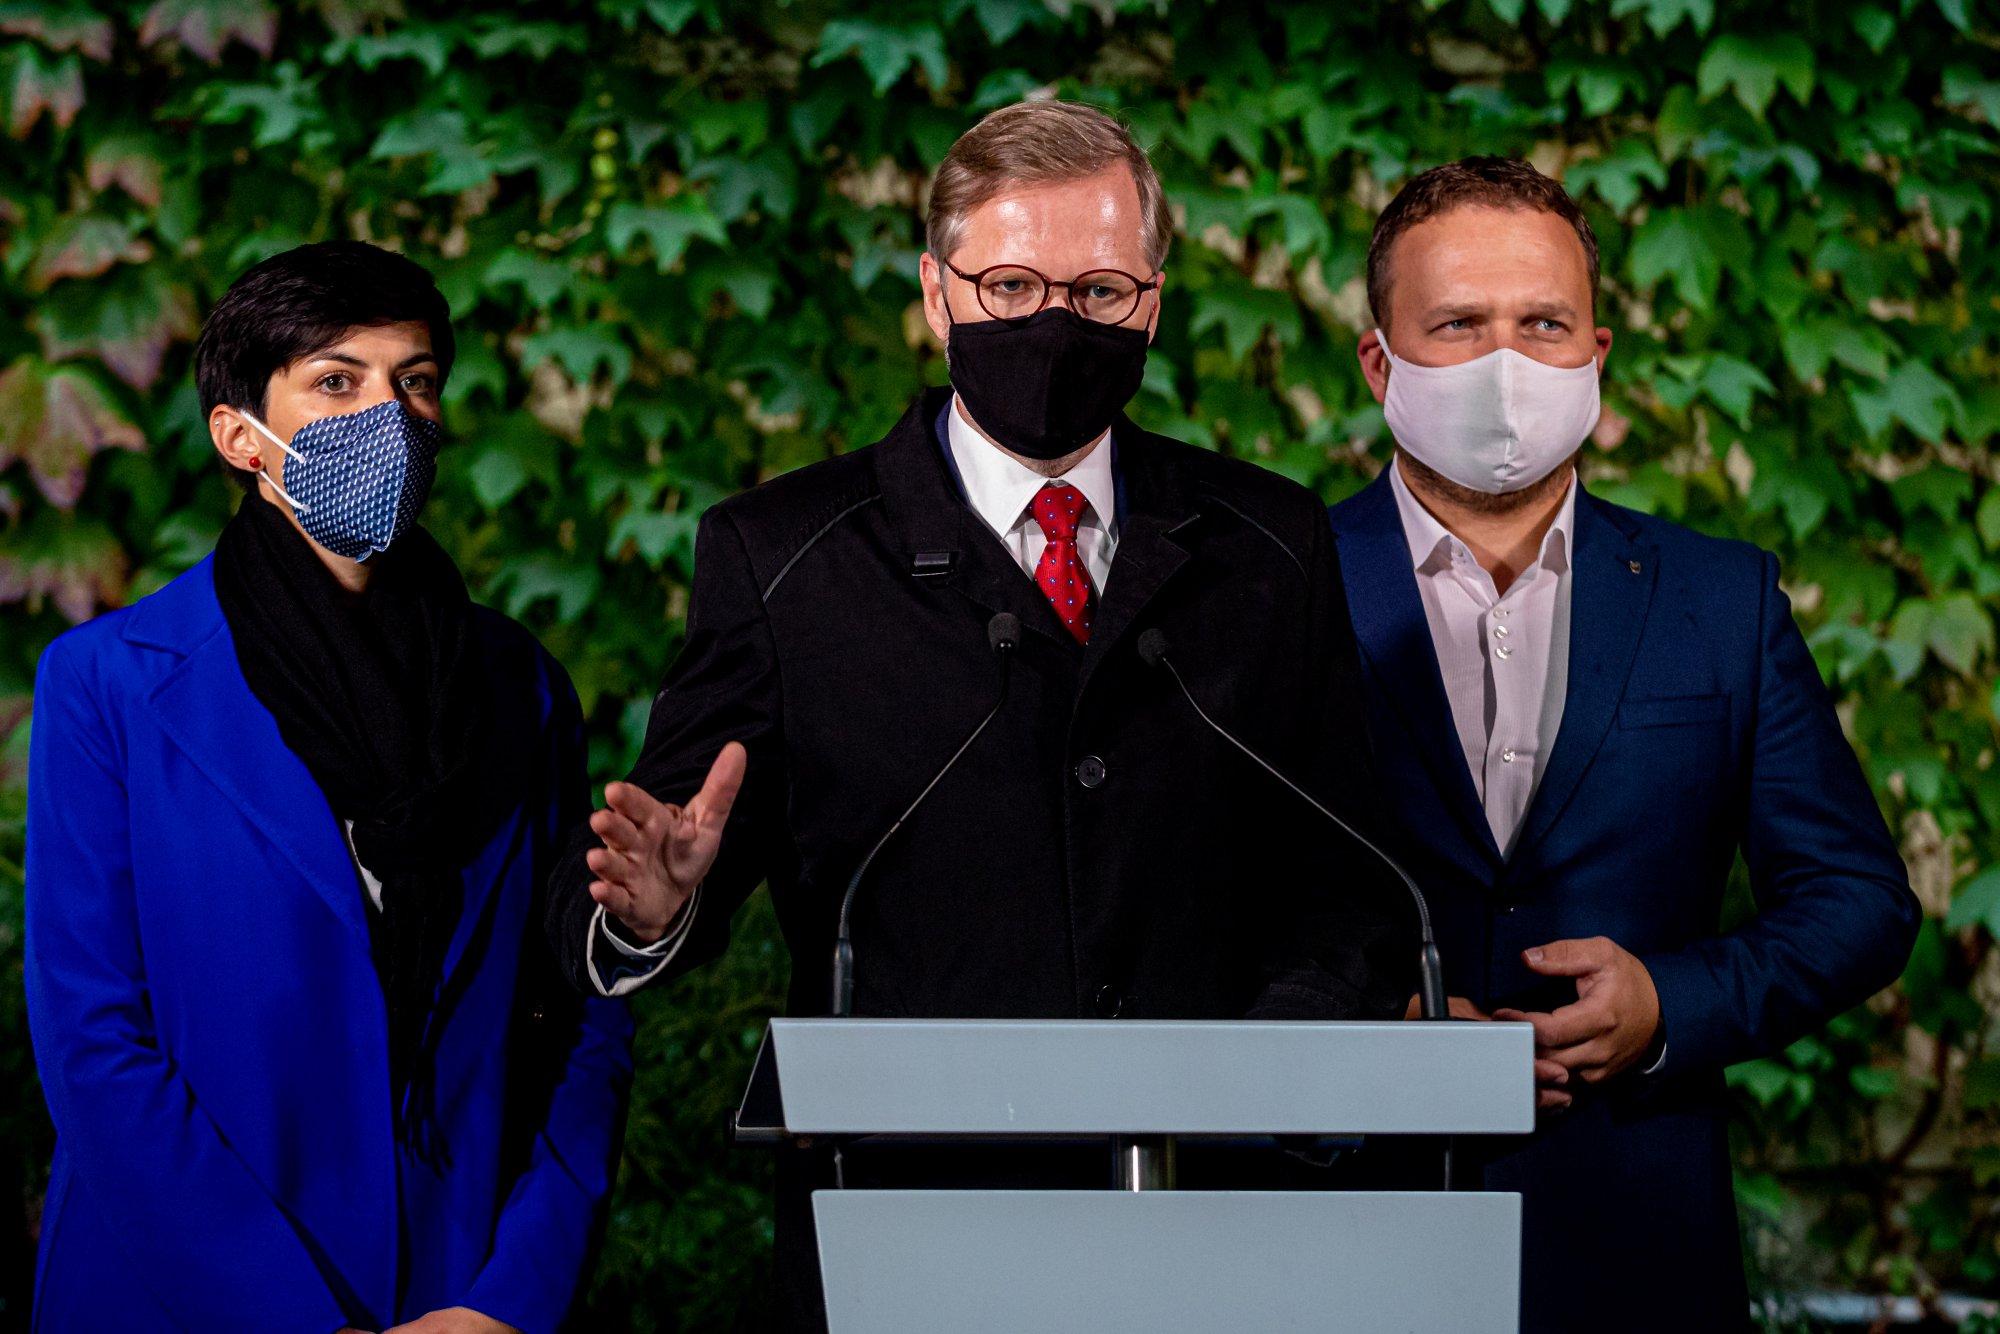 ODS, KDU-ČSL a TOP 09 chtějí ve Sněmovně prosadit odškodňovací zákon a korespondenční volbu ze zahraničí. Jednat chtějí také o očkování